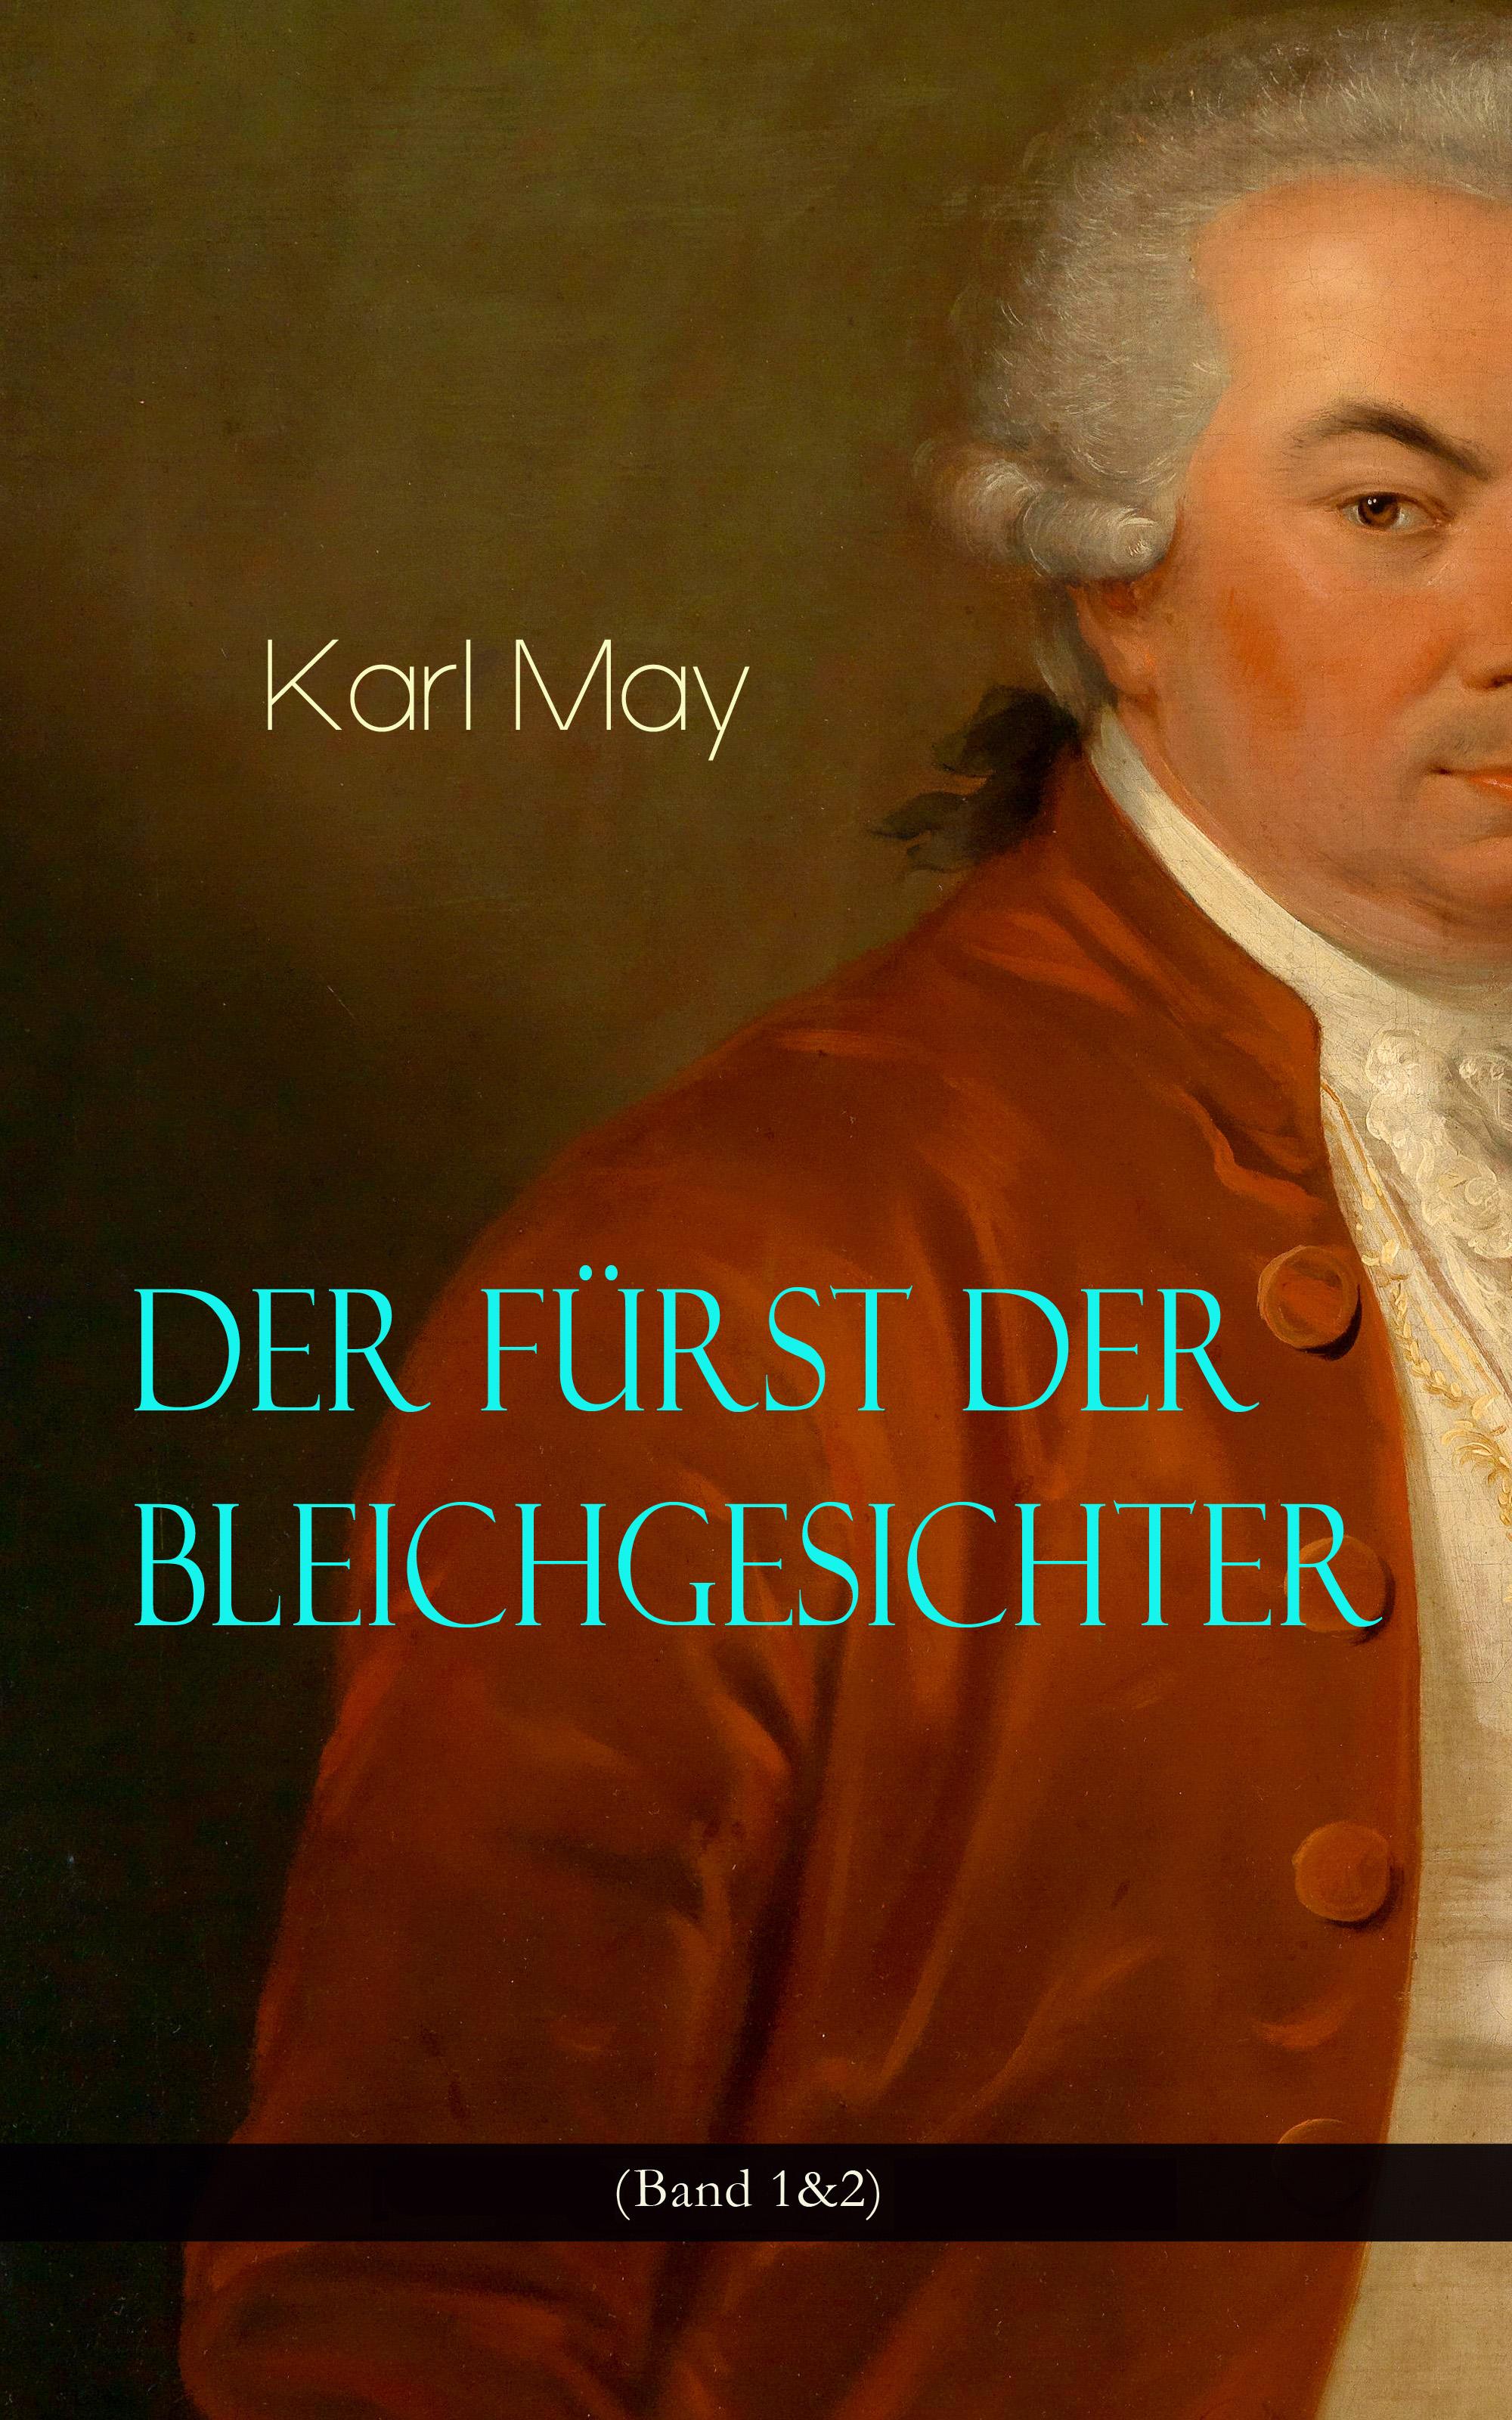 Karl May Der Fürst der Bleichgesichter (Band 1&2) christie golden world of warcraft band 2 der aufstieg der horde